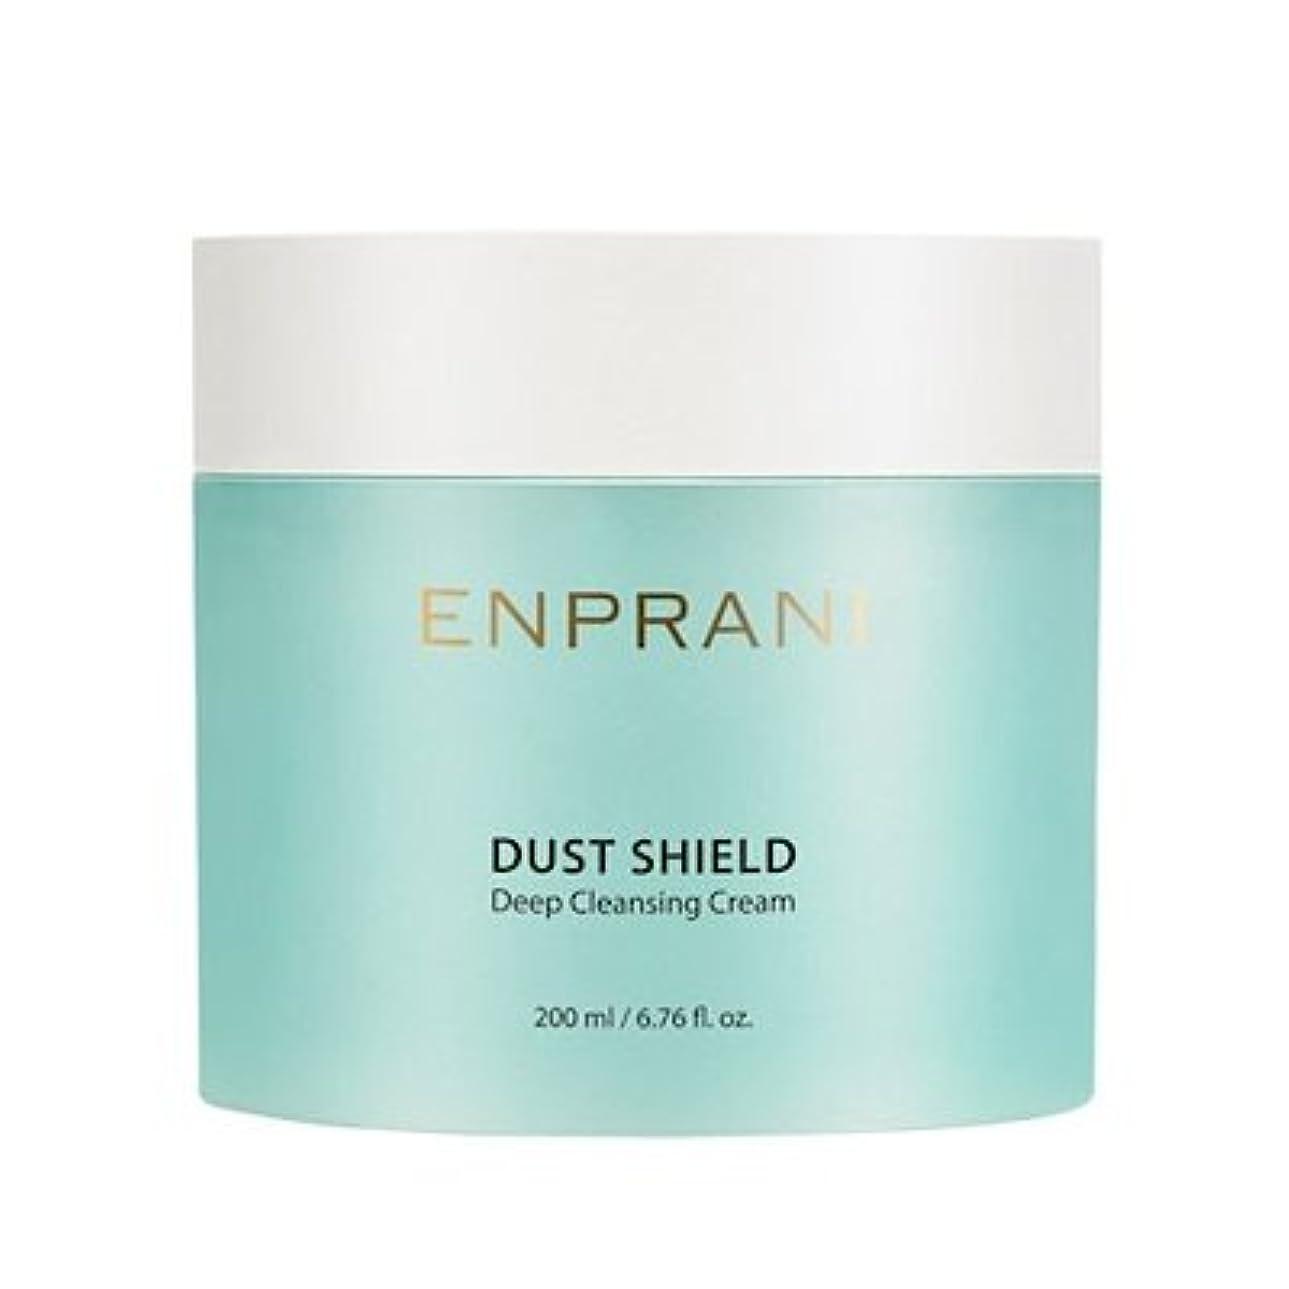 シリーズまもなく座標ENPRANI Dust Shield Deep Cleansing Cream エンプラニ ダストシールドディープクレンジングクリーム200ml [並行輸入品]